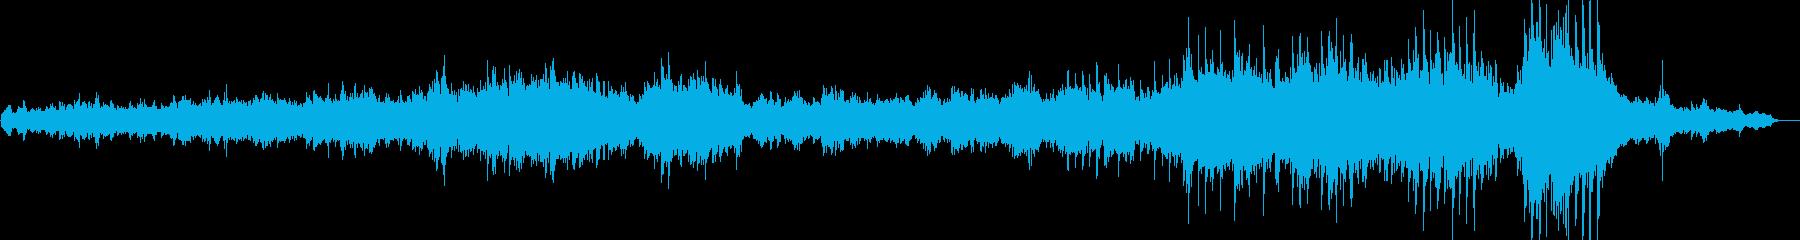 「さやかに星はきらめき」クリマスソングの再生済みの波形